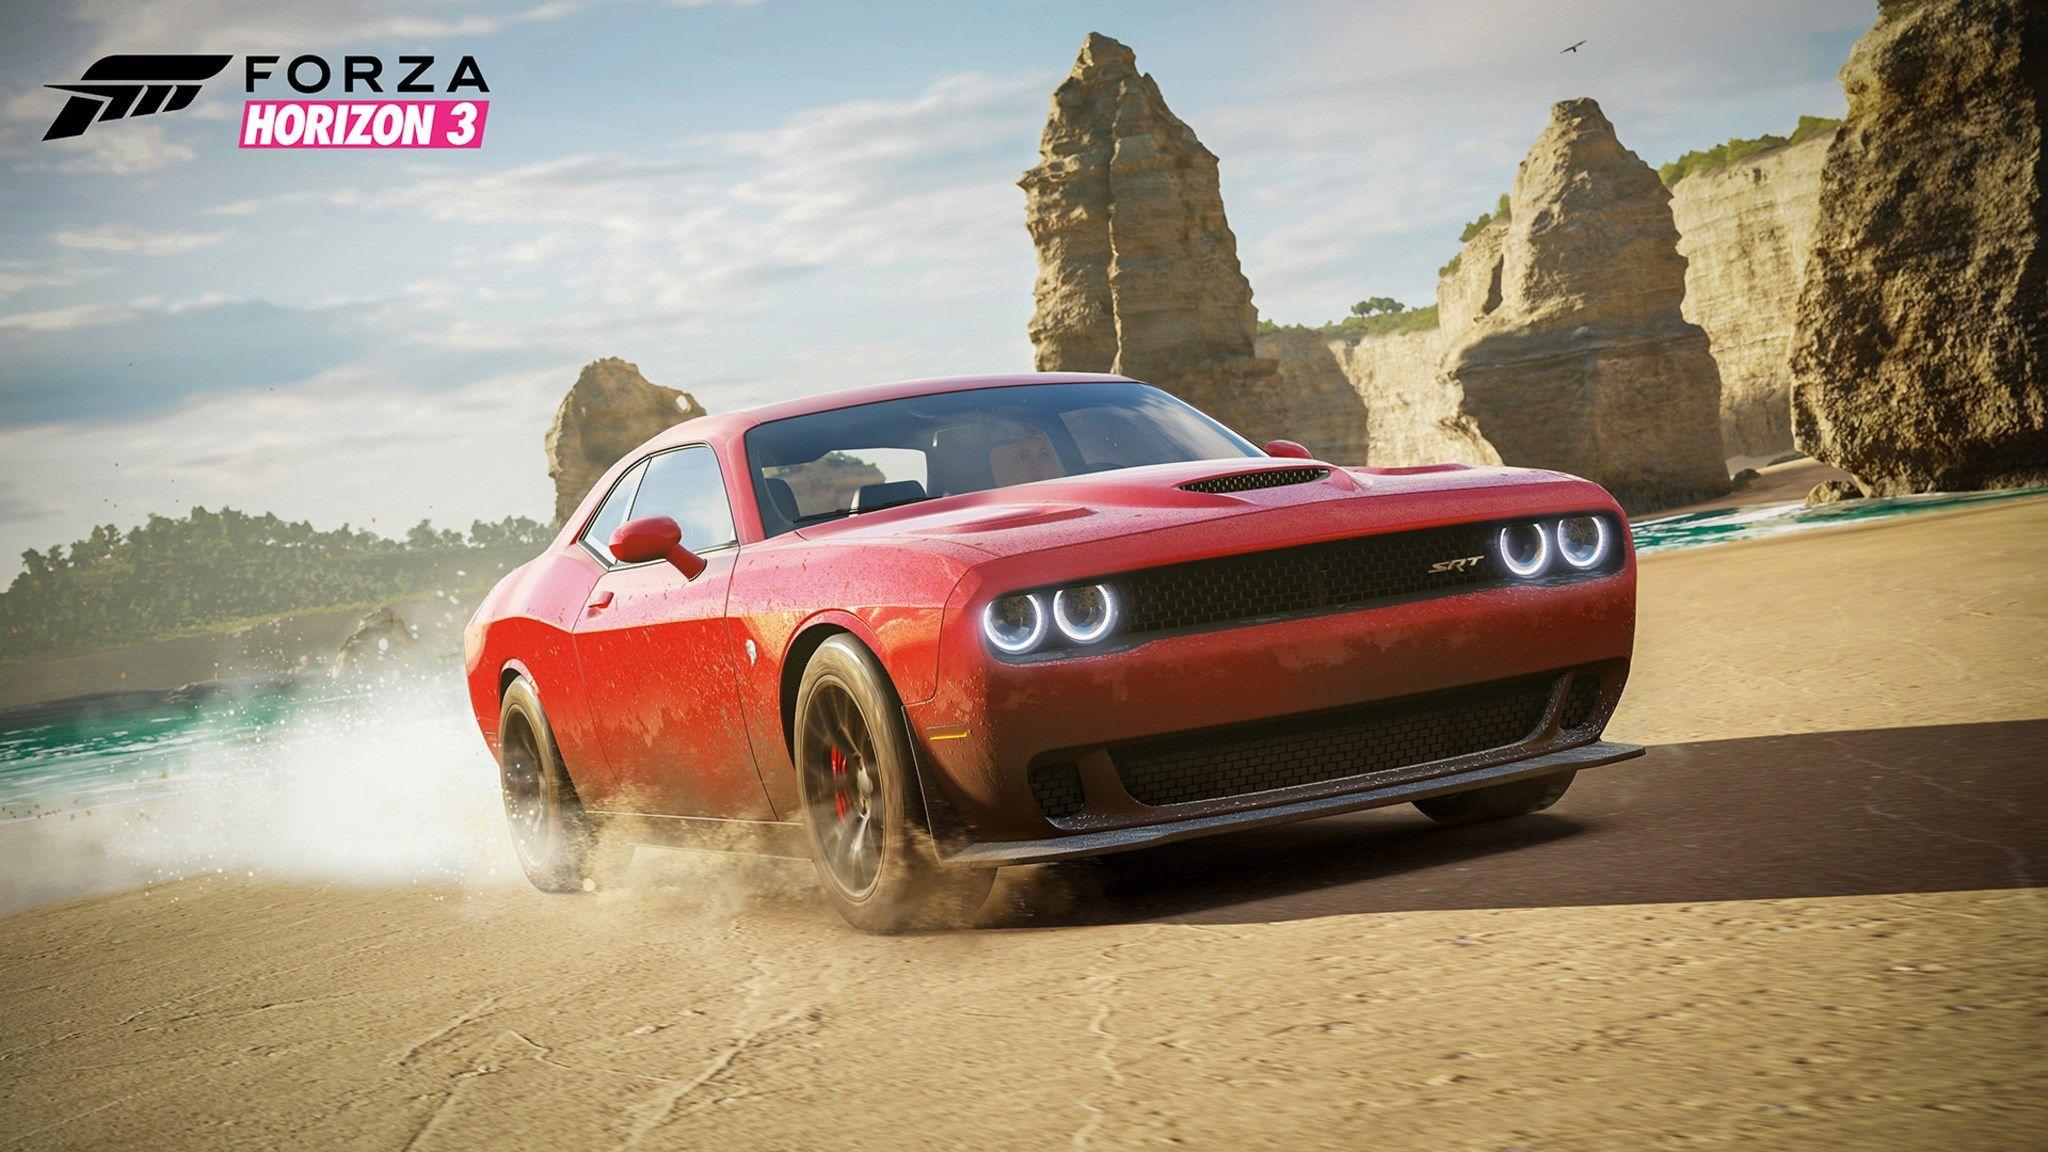 Hd Forza Horizon 3 Wallpaper Ololoshenka Forza Horizon 3 Forza